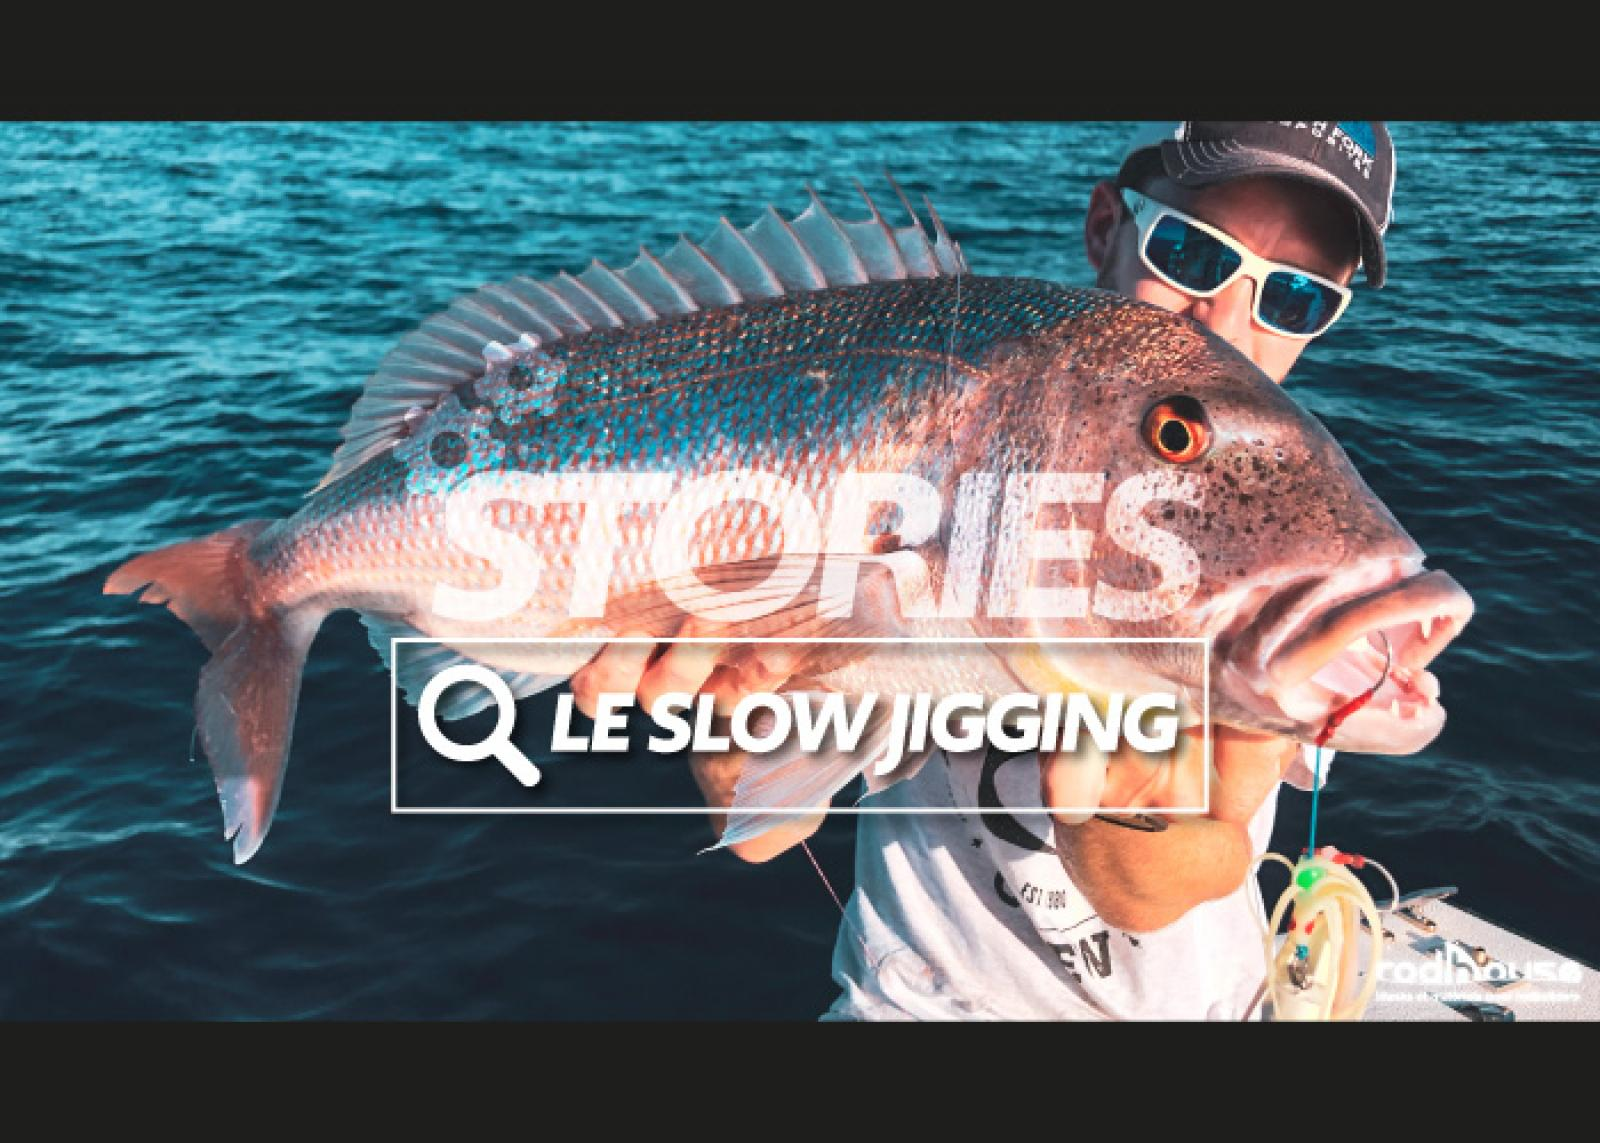 peche d'un poisson en slow jigging